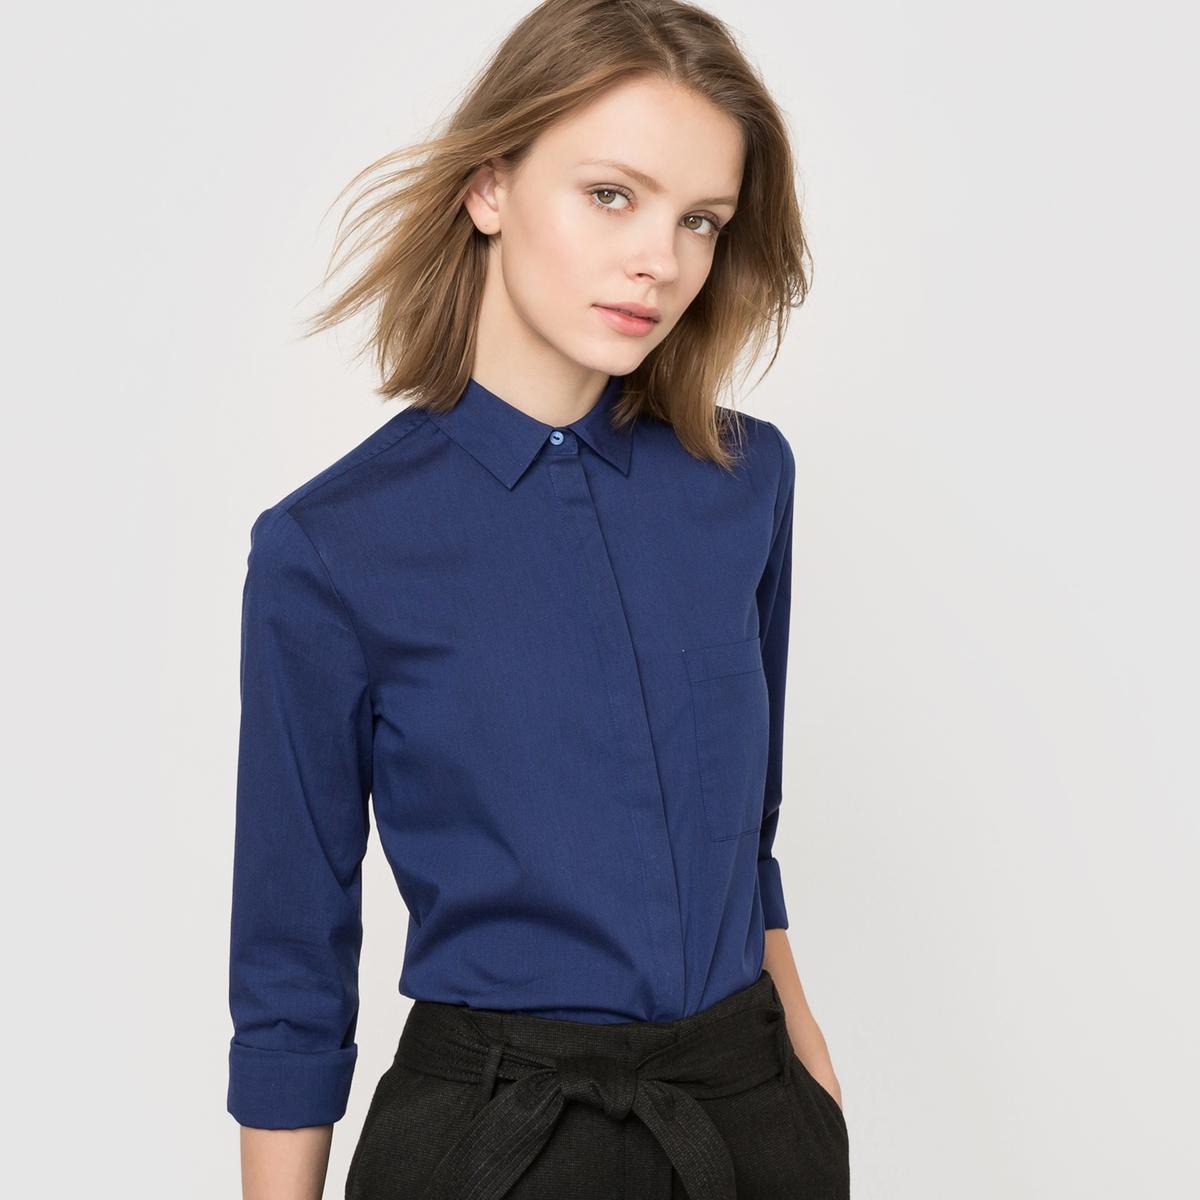 Рубашка однотонная из хлопкового поплина стрейч. Длинные рукава.Рубашка прямого покроя . Однотонный поплин стрейч 69% хлопка, 28% полиамида, 3% эластана. Длинные рукава, манжеты с пуговицами . Накладной нагрудный карман . Закругленный низ . Длина ок.70 см .<br><br>Цвет: темно-синий